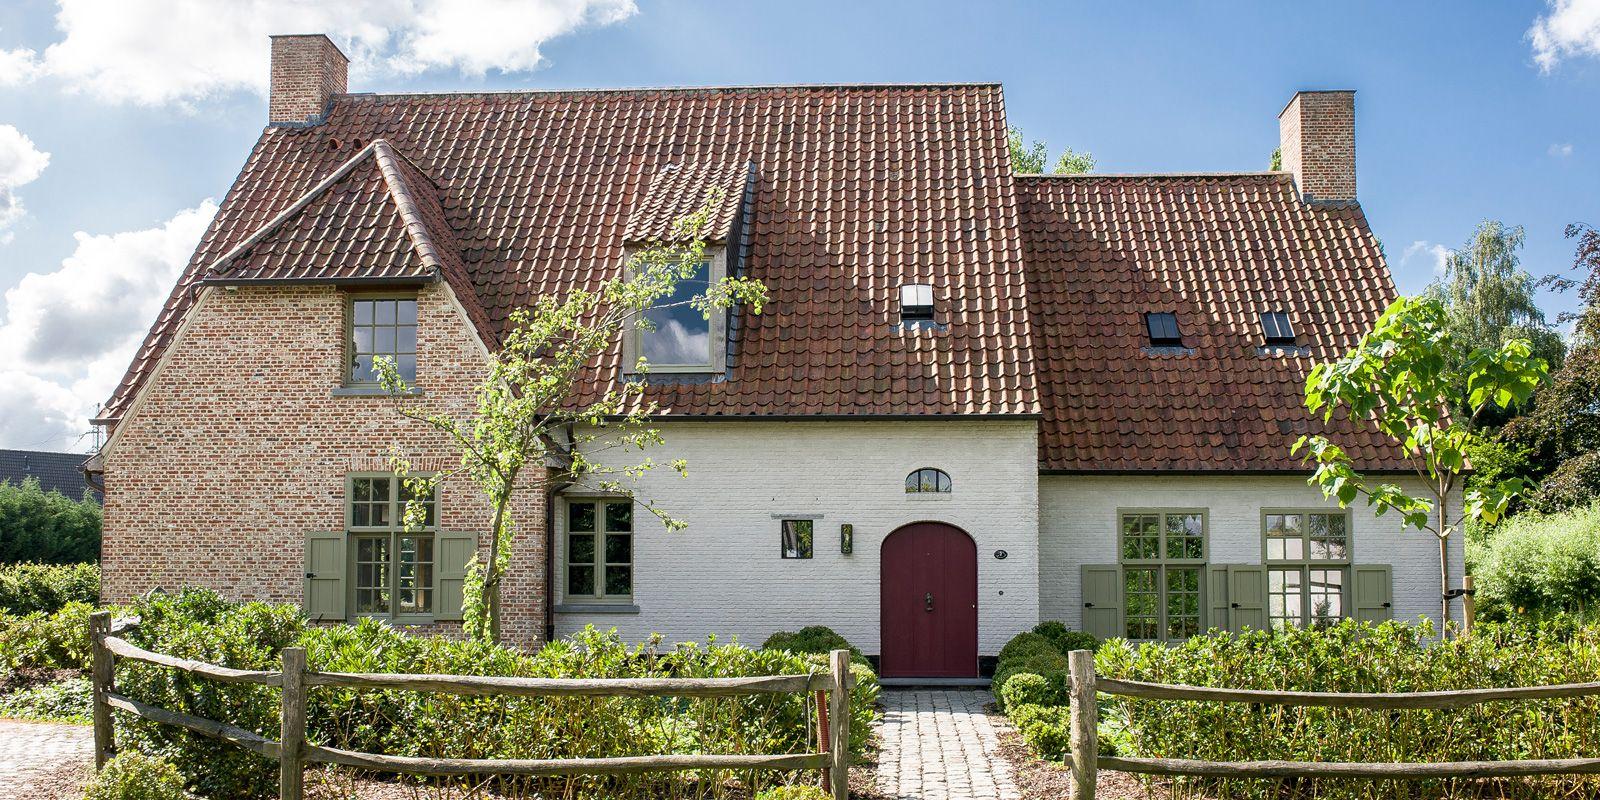 Oase Van Groen Buitenkant Huizen Huis Buitenkant Buitenkant Huis